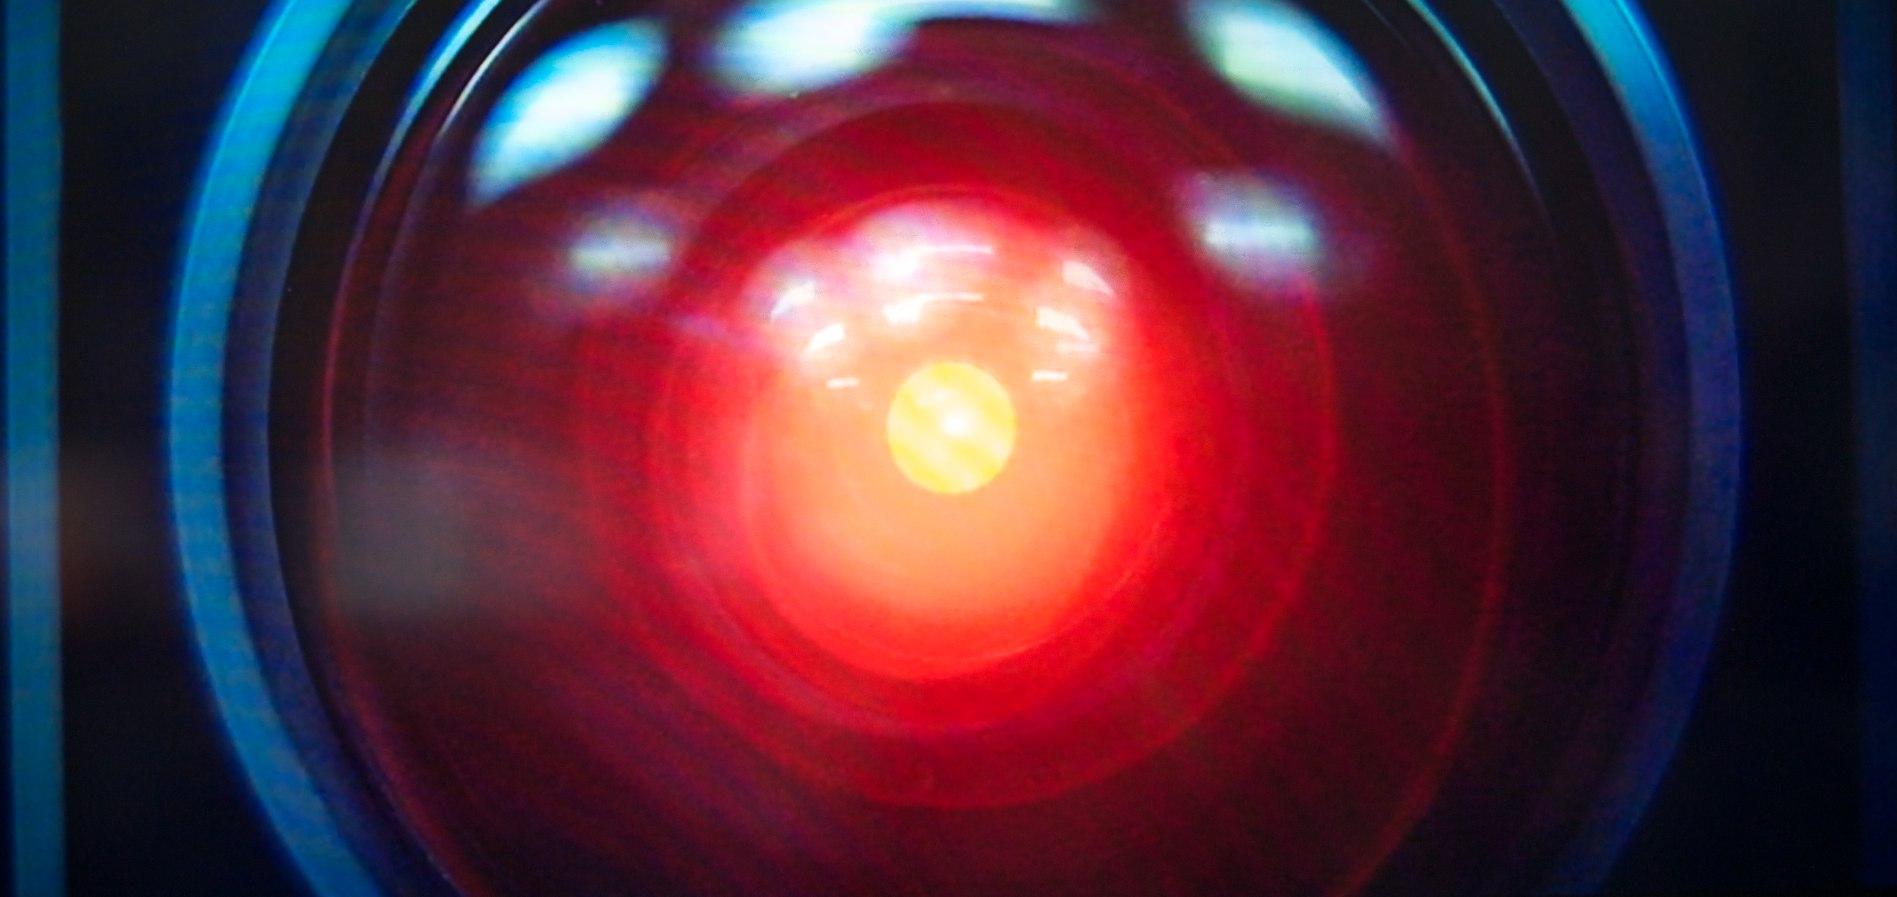 Sci-Fi's Fear of Artificial Intelligence